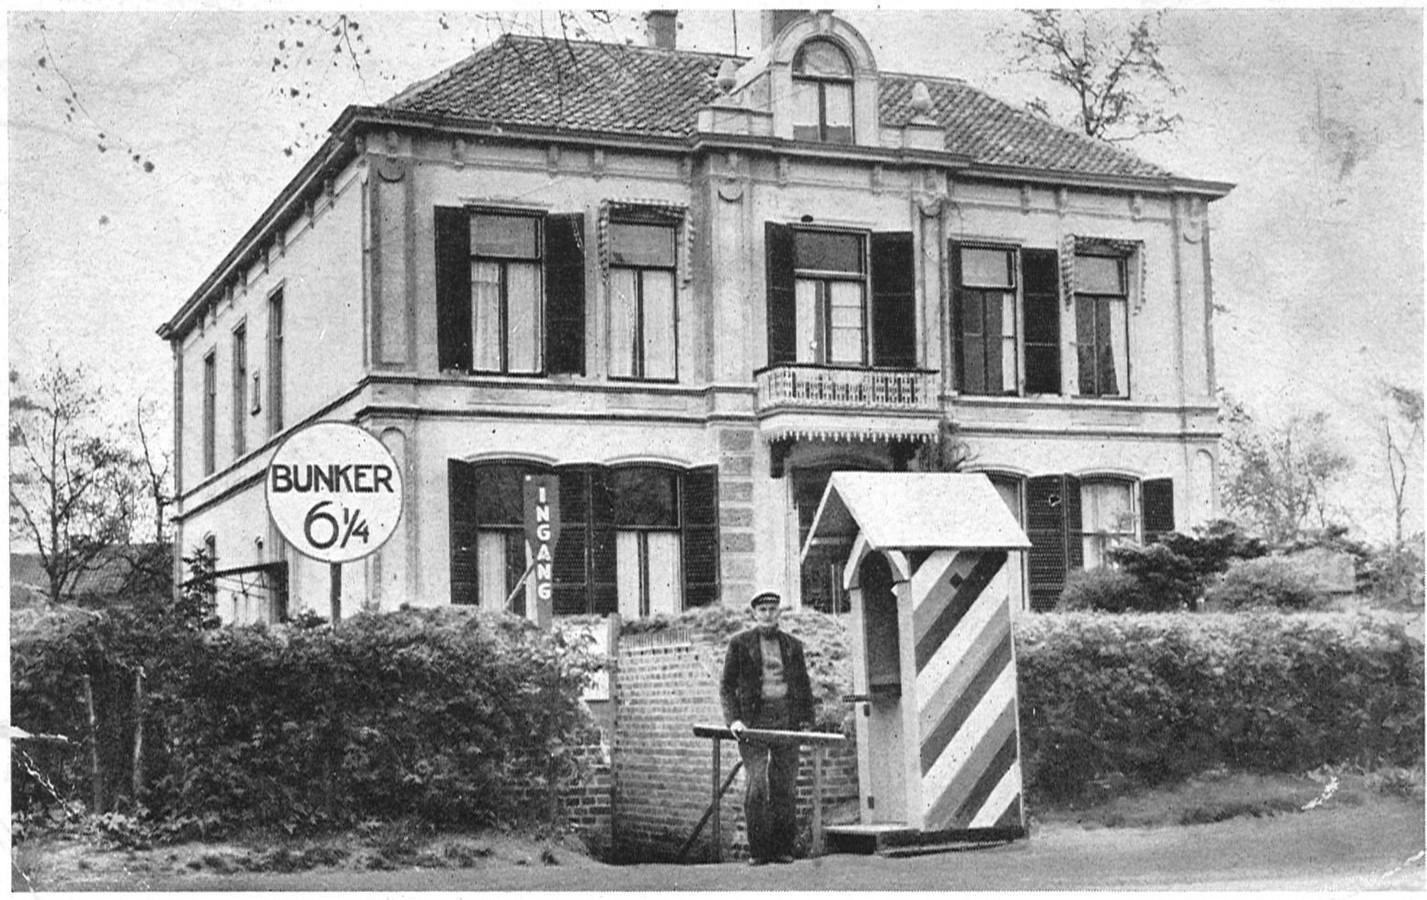 Het voormalige buitenverblijf en de bunker van Arthur Seyss-Inquart. Seyss-Inquart in Apeldoorn